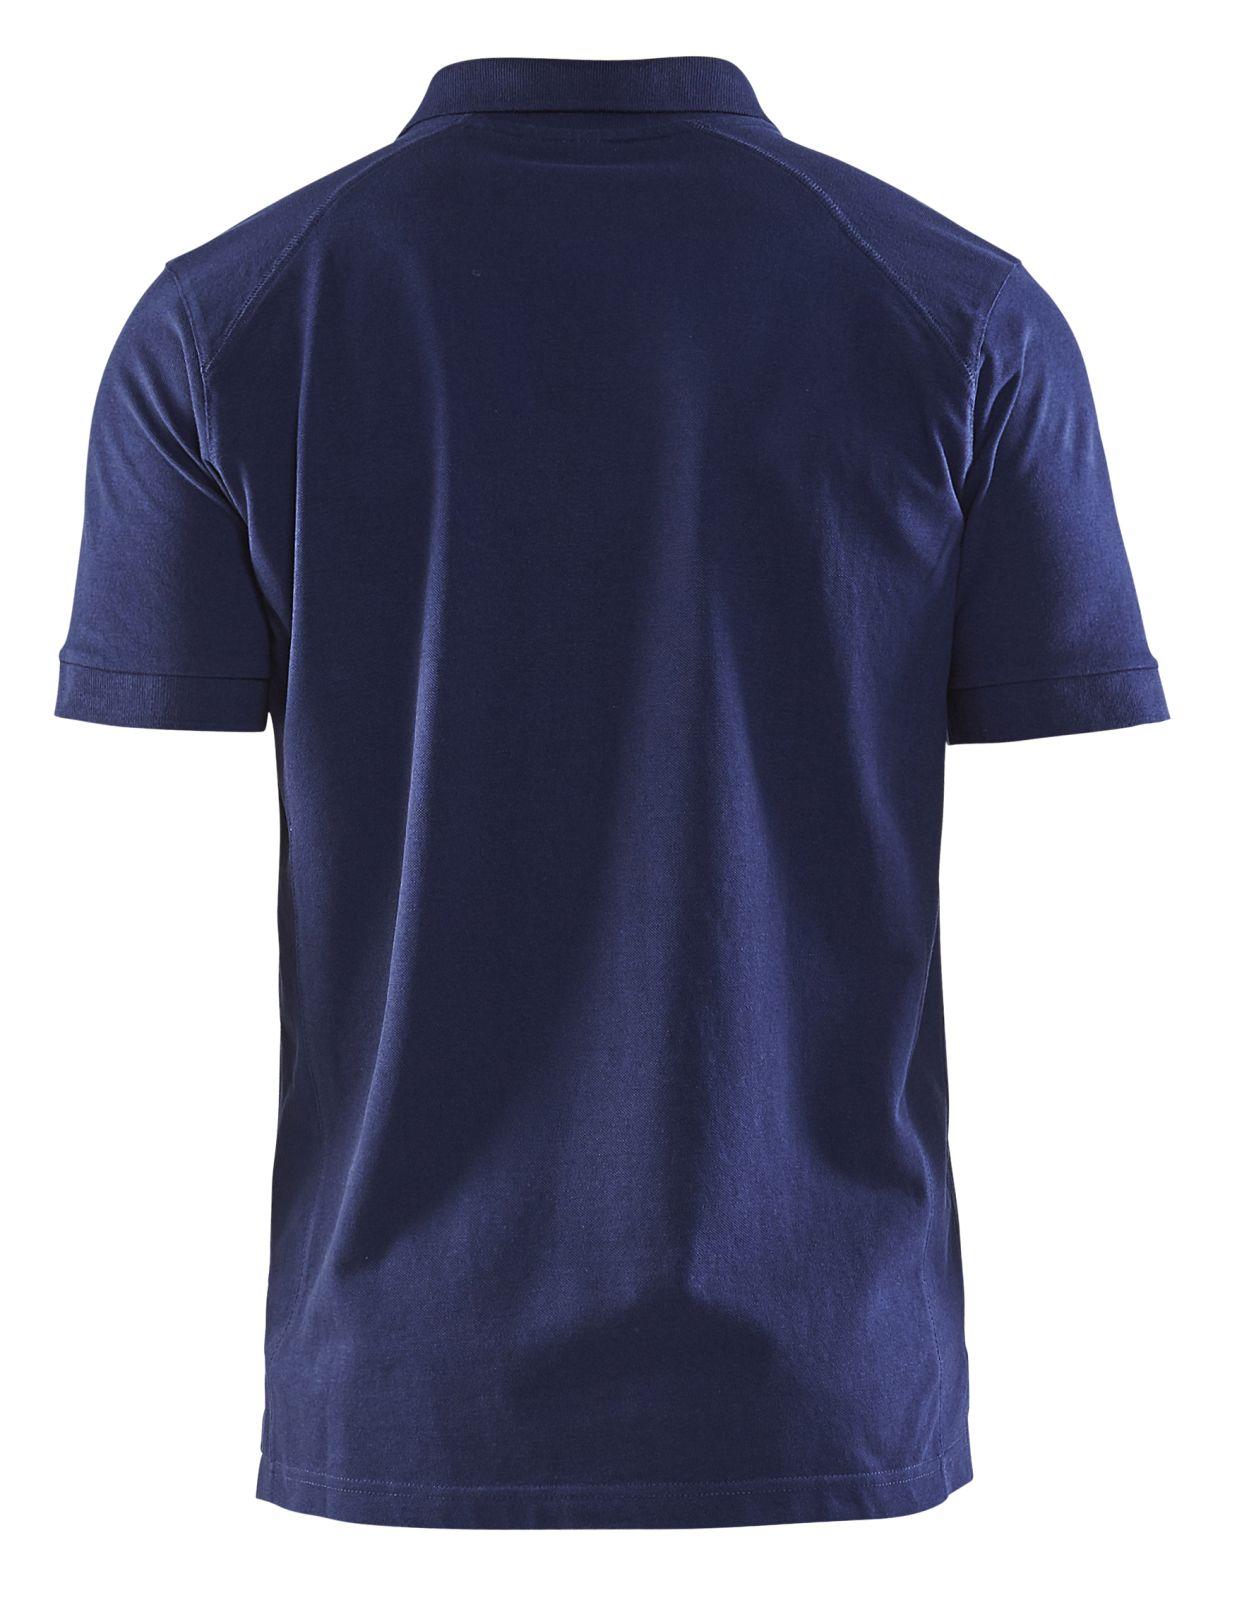 Blaklader Poloshirts 33241050 marineblauw(8900)